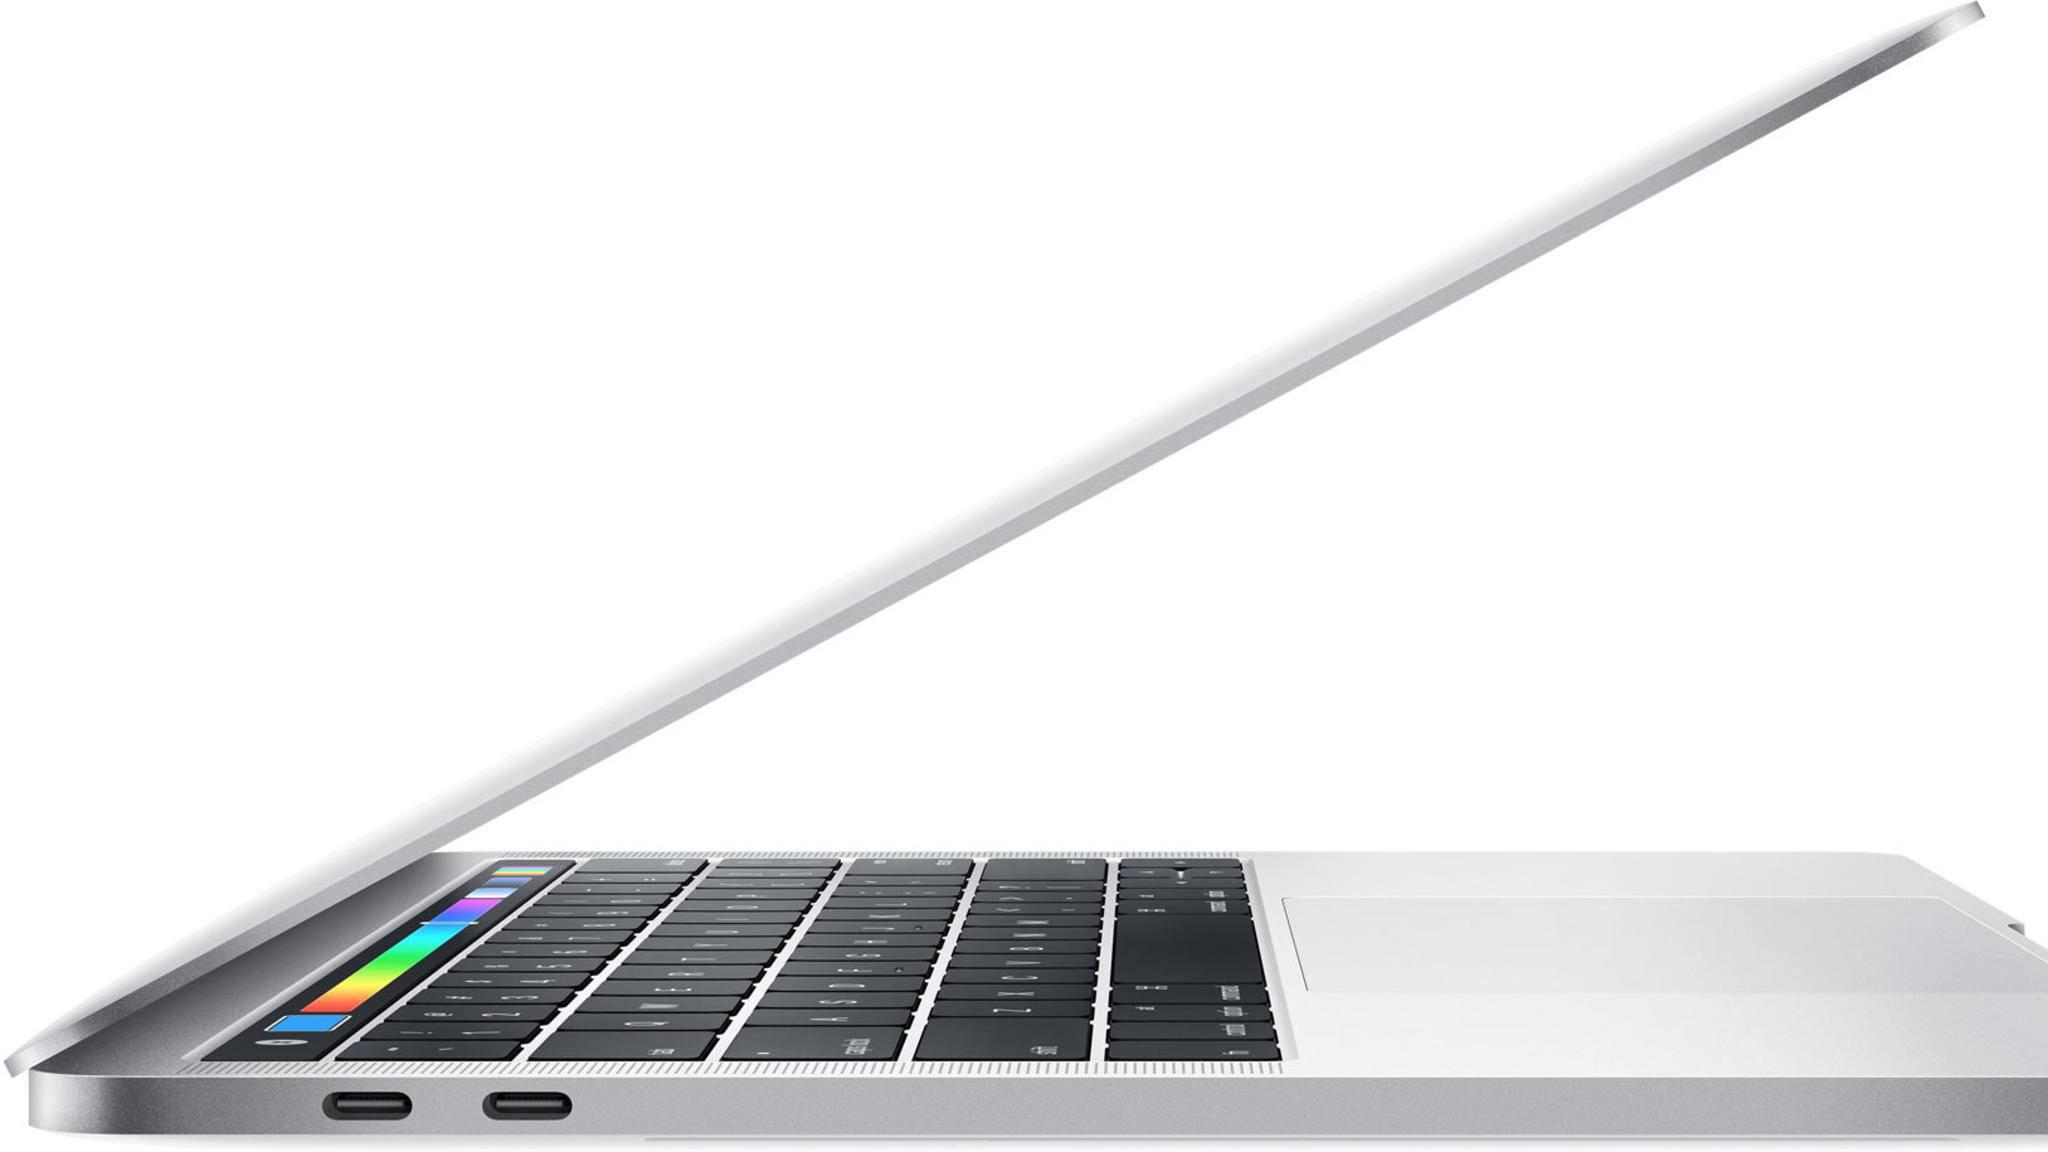 Wer Geräte mit USB-C besitzt, darf sich glücklich schätzen und benötigt keinen Adapter.